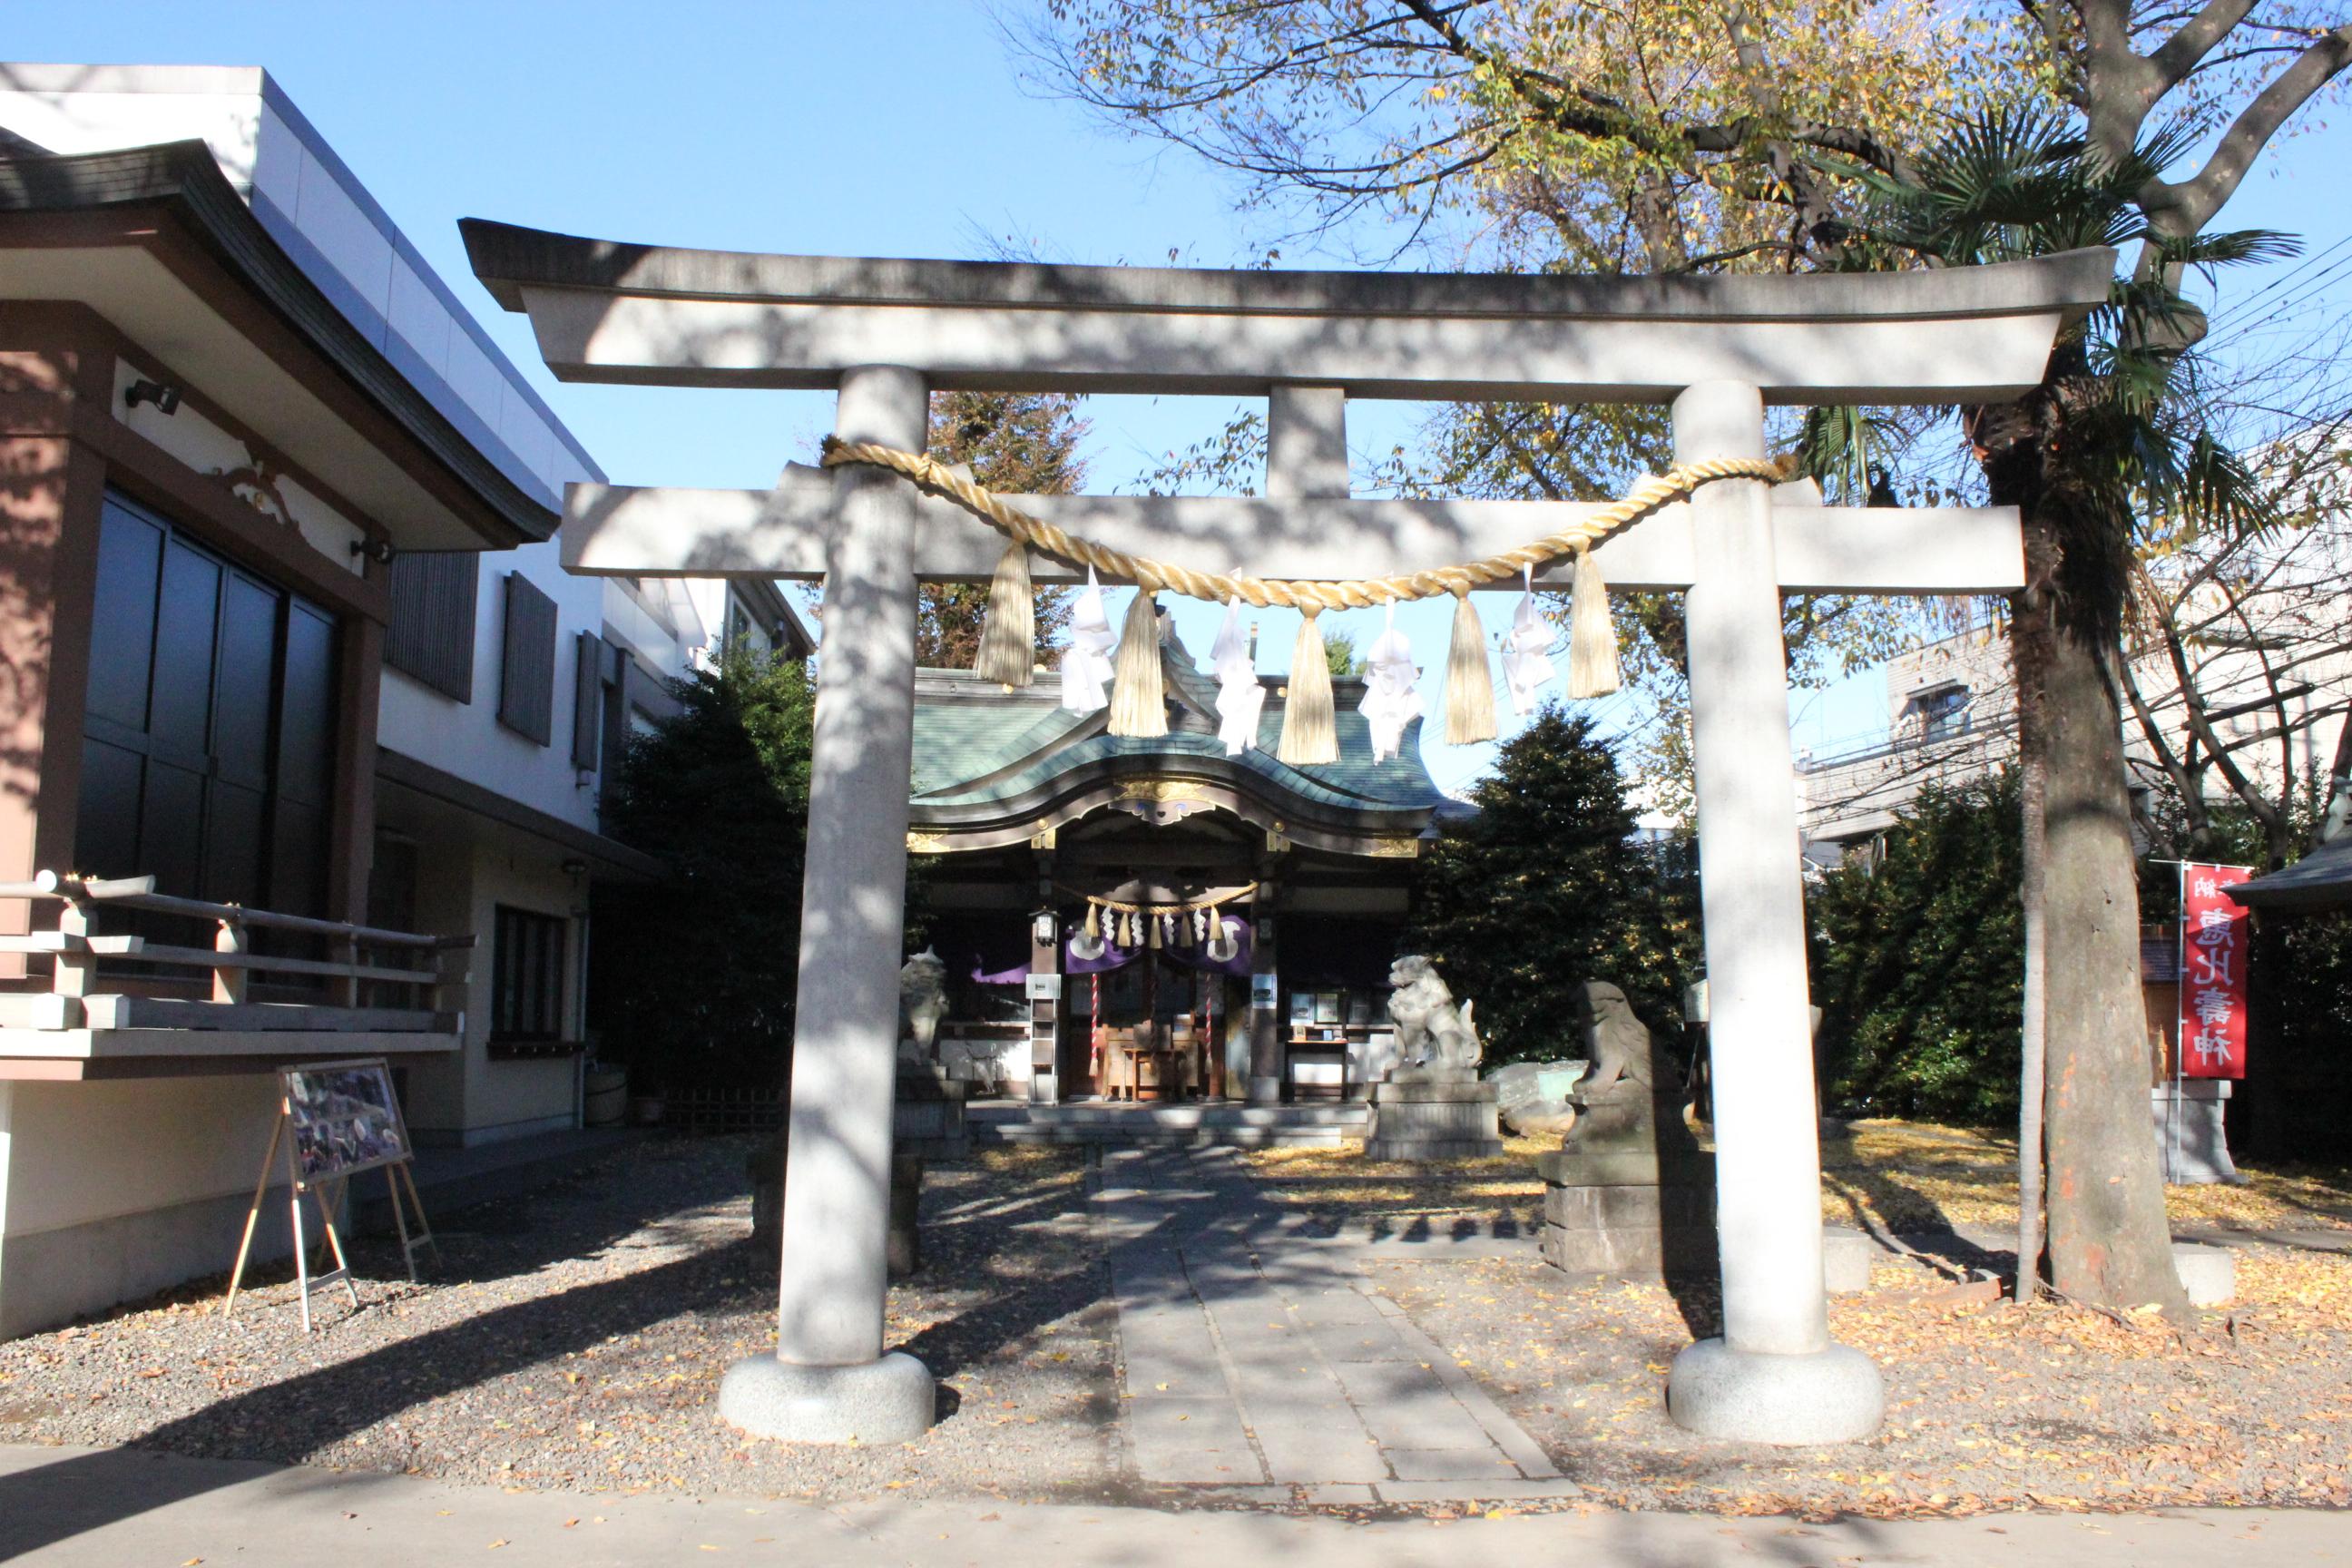 雑司ヶ谷鬼子母神お会式ー神仏分離による大鳥神社の分離 | 東京の「現在」から「歴史」=「過去」を読み解くーPast and Present